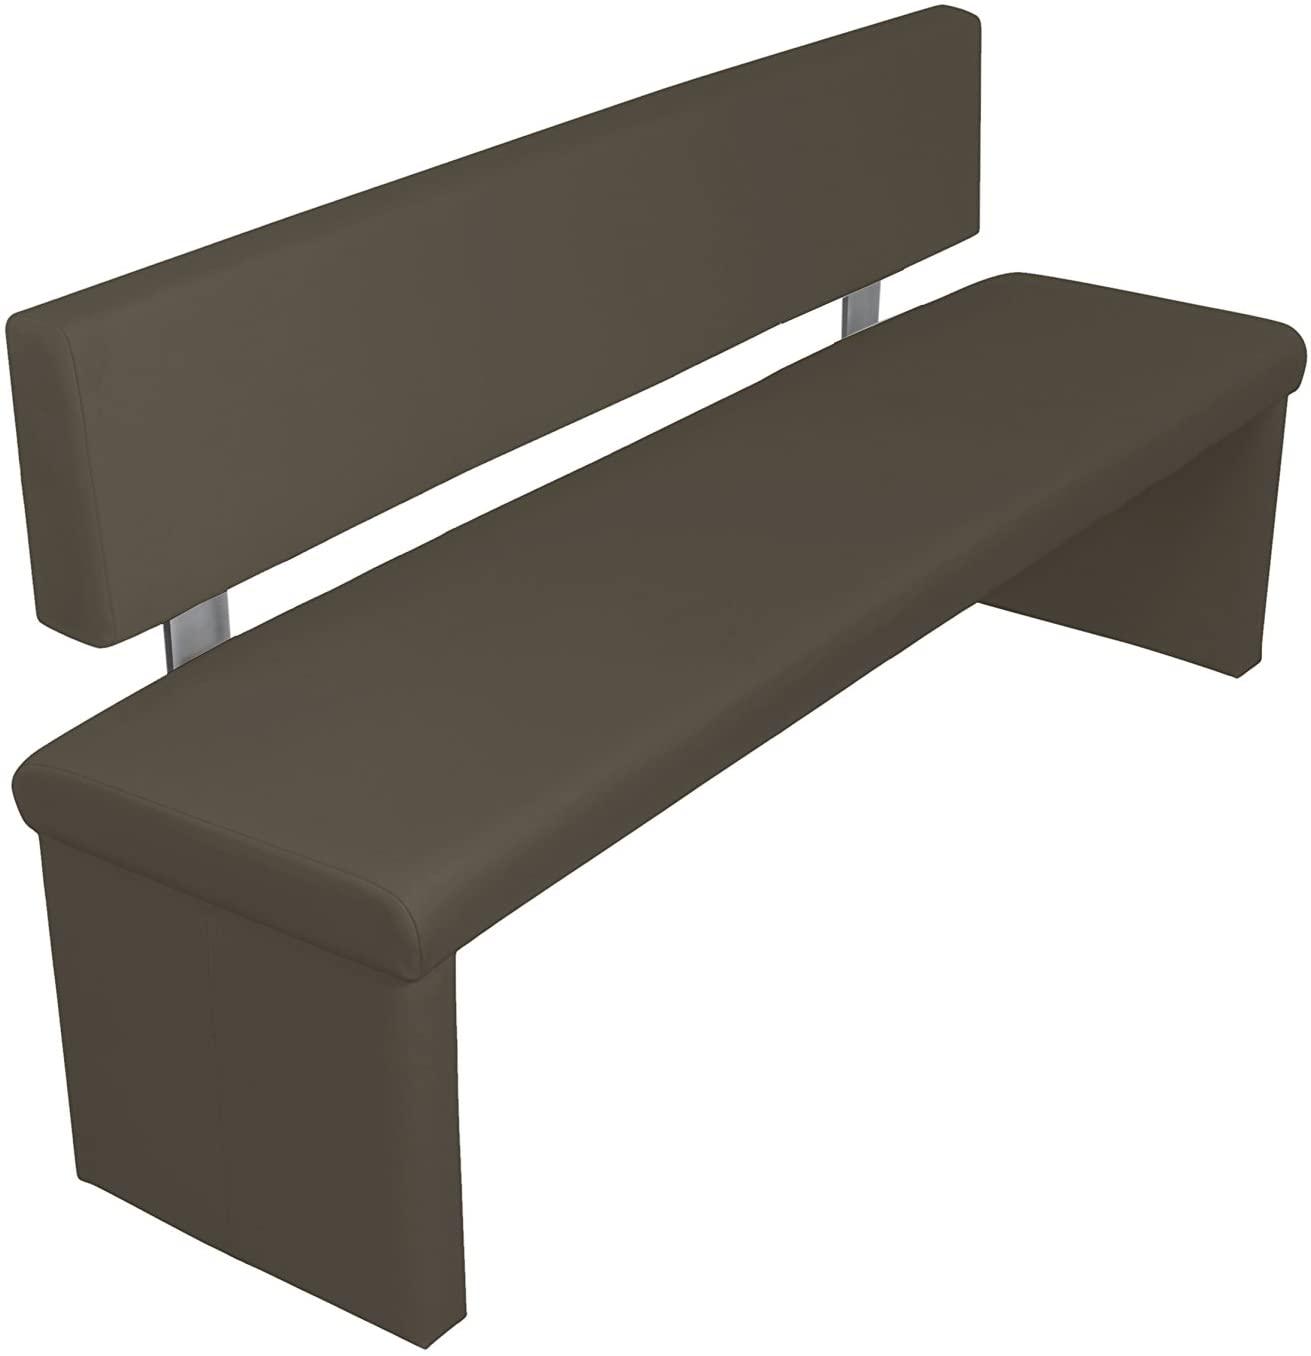 Full Size of Küche Kaufen Ikea Betten 160x200 Sofa Mit Schlaffunktion Modulküche Miniküche Bei Kosten Wohnzimmer Ikea Küchenbank